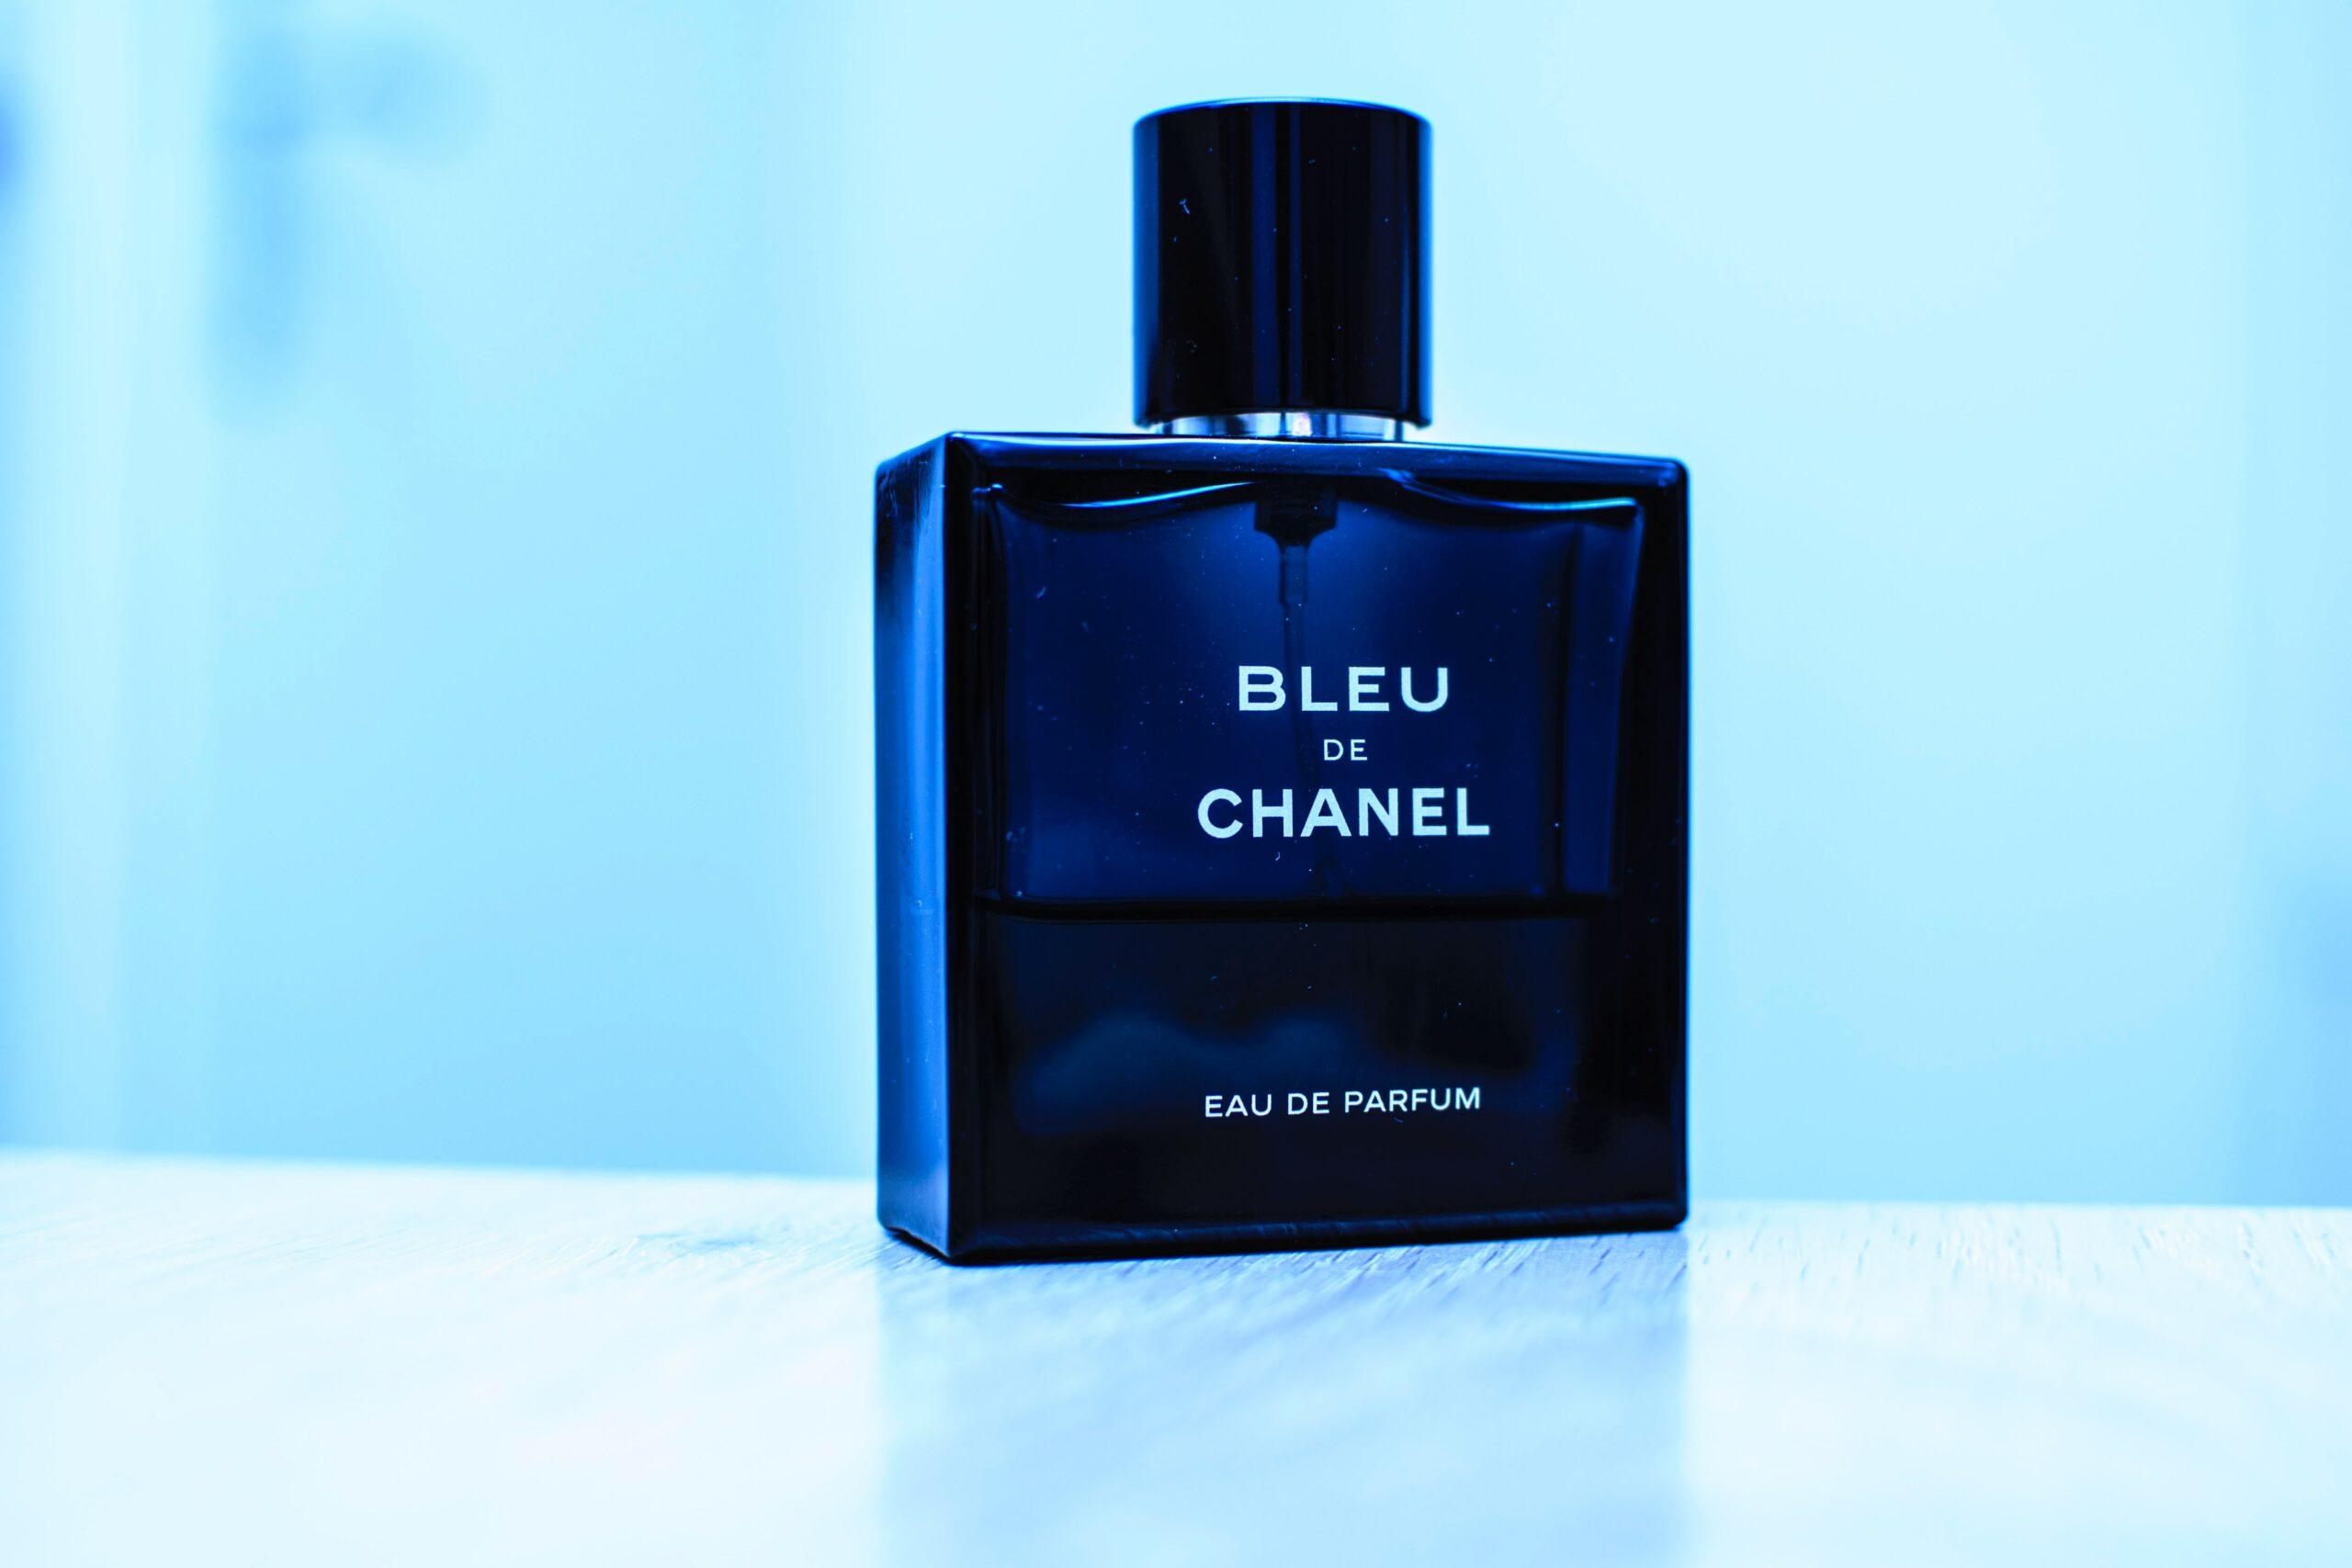 clothedup perfume.com reviews